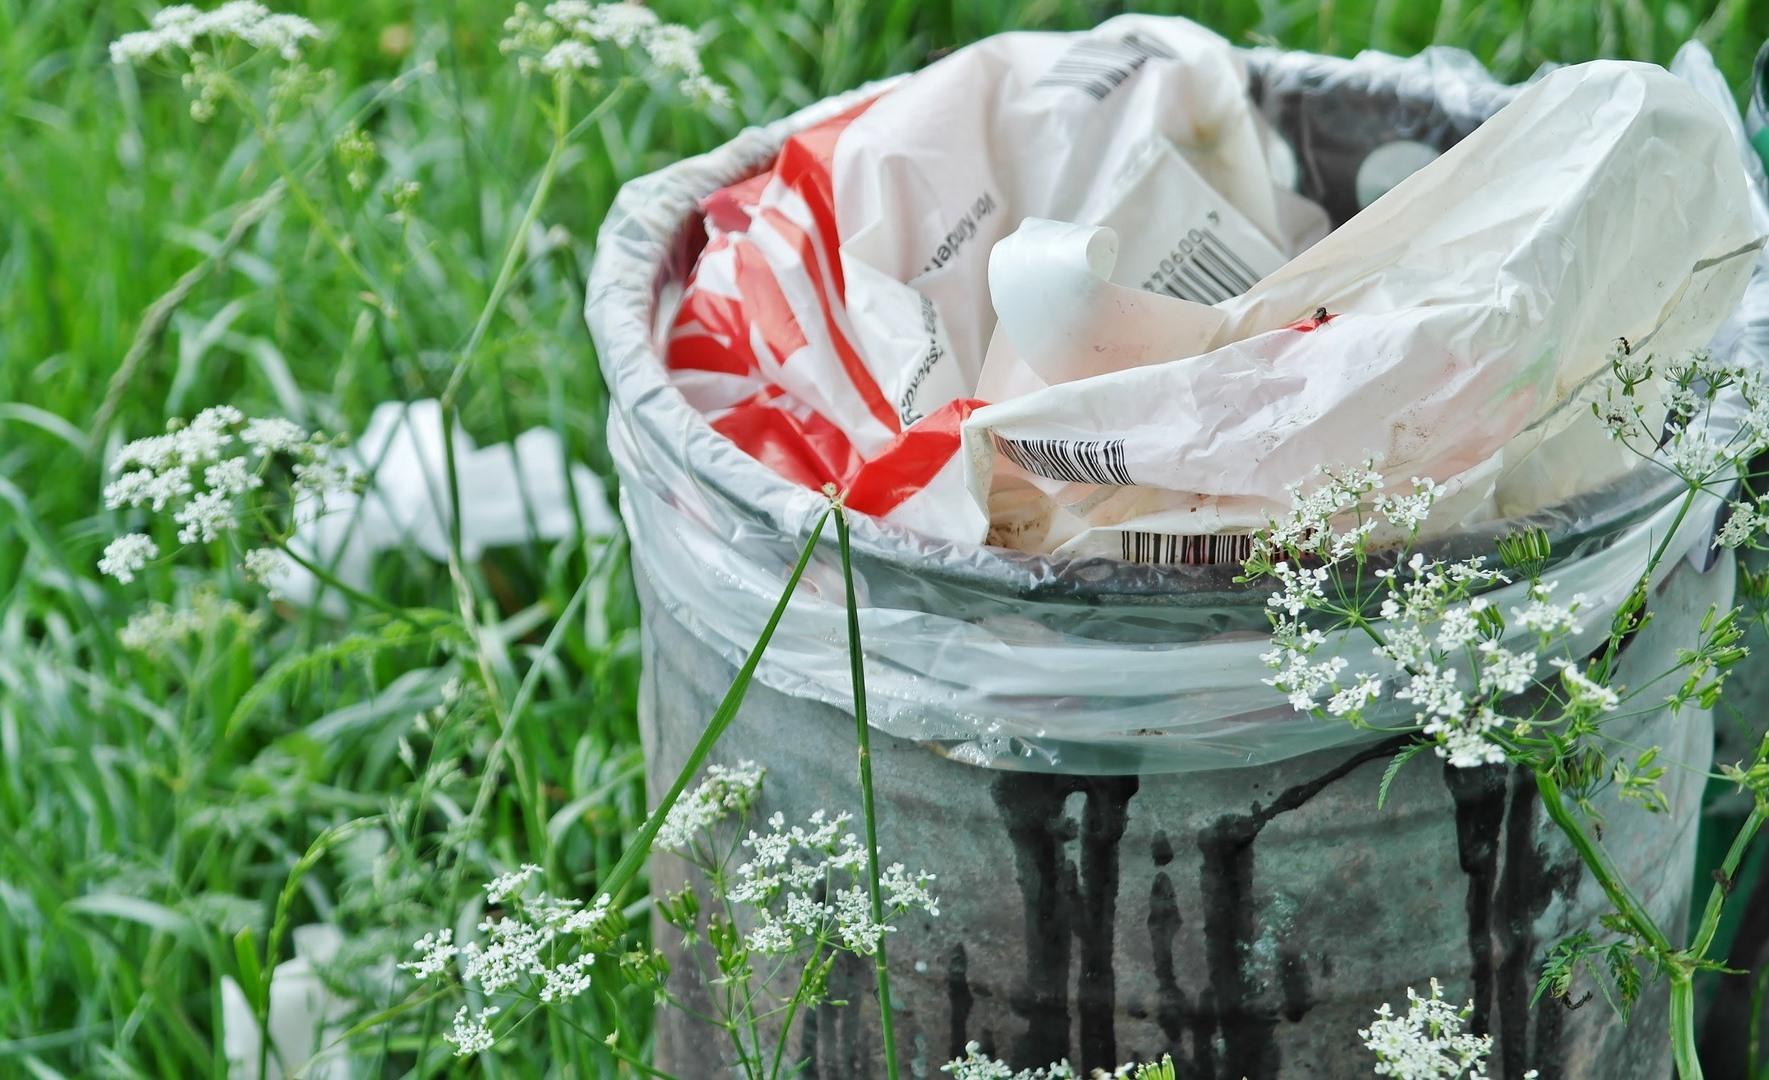 Eliminăm depozitele ilegale de deșeuri  de pe terenurile virane care au proprietar